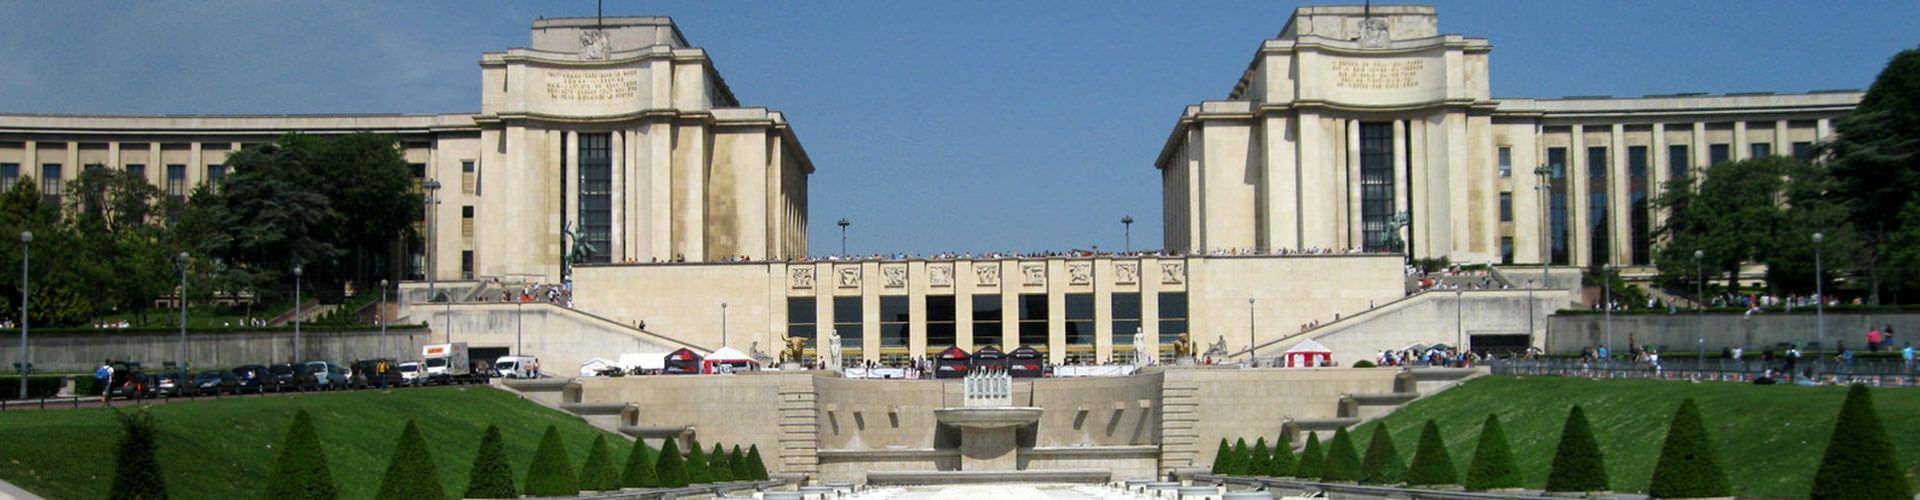 Pariisi – Hostellit lähellä Palais de Chaillot. Pariisi -karttoja, valokuvia ja arvosteluja kaikista Pariisi -hostelleista.